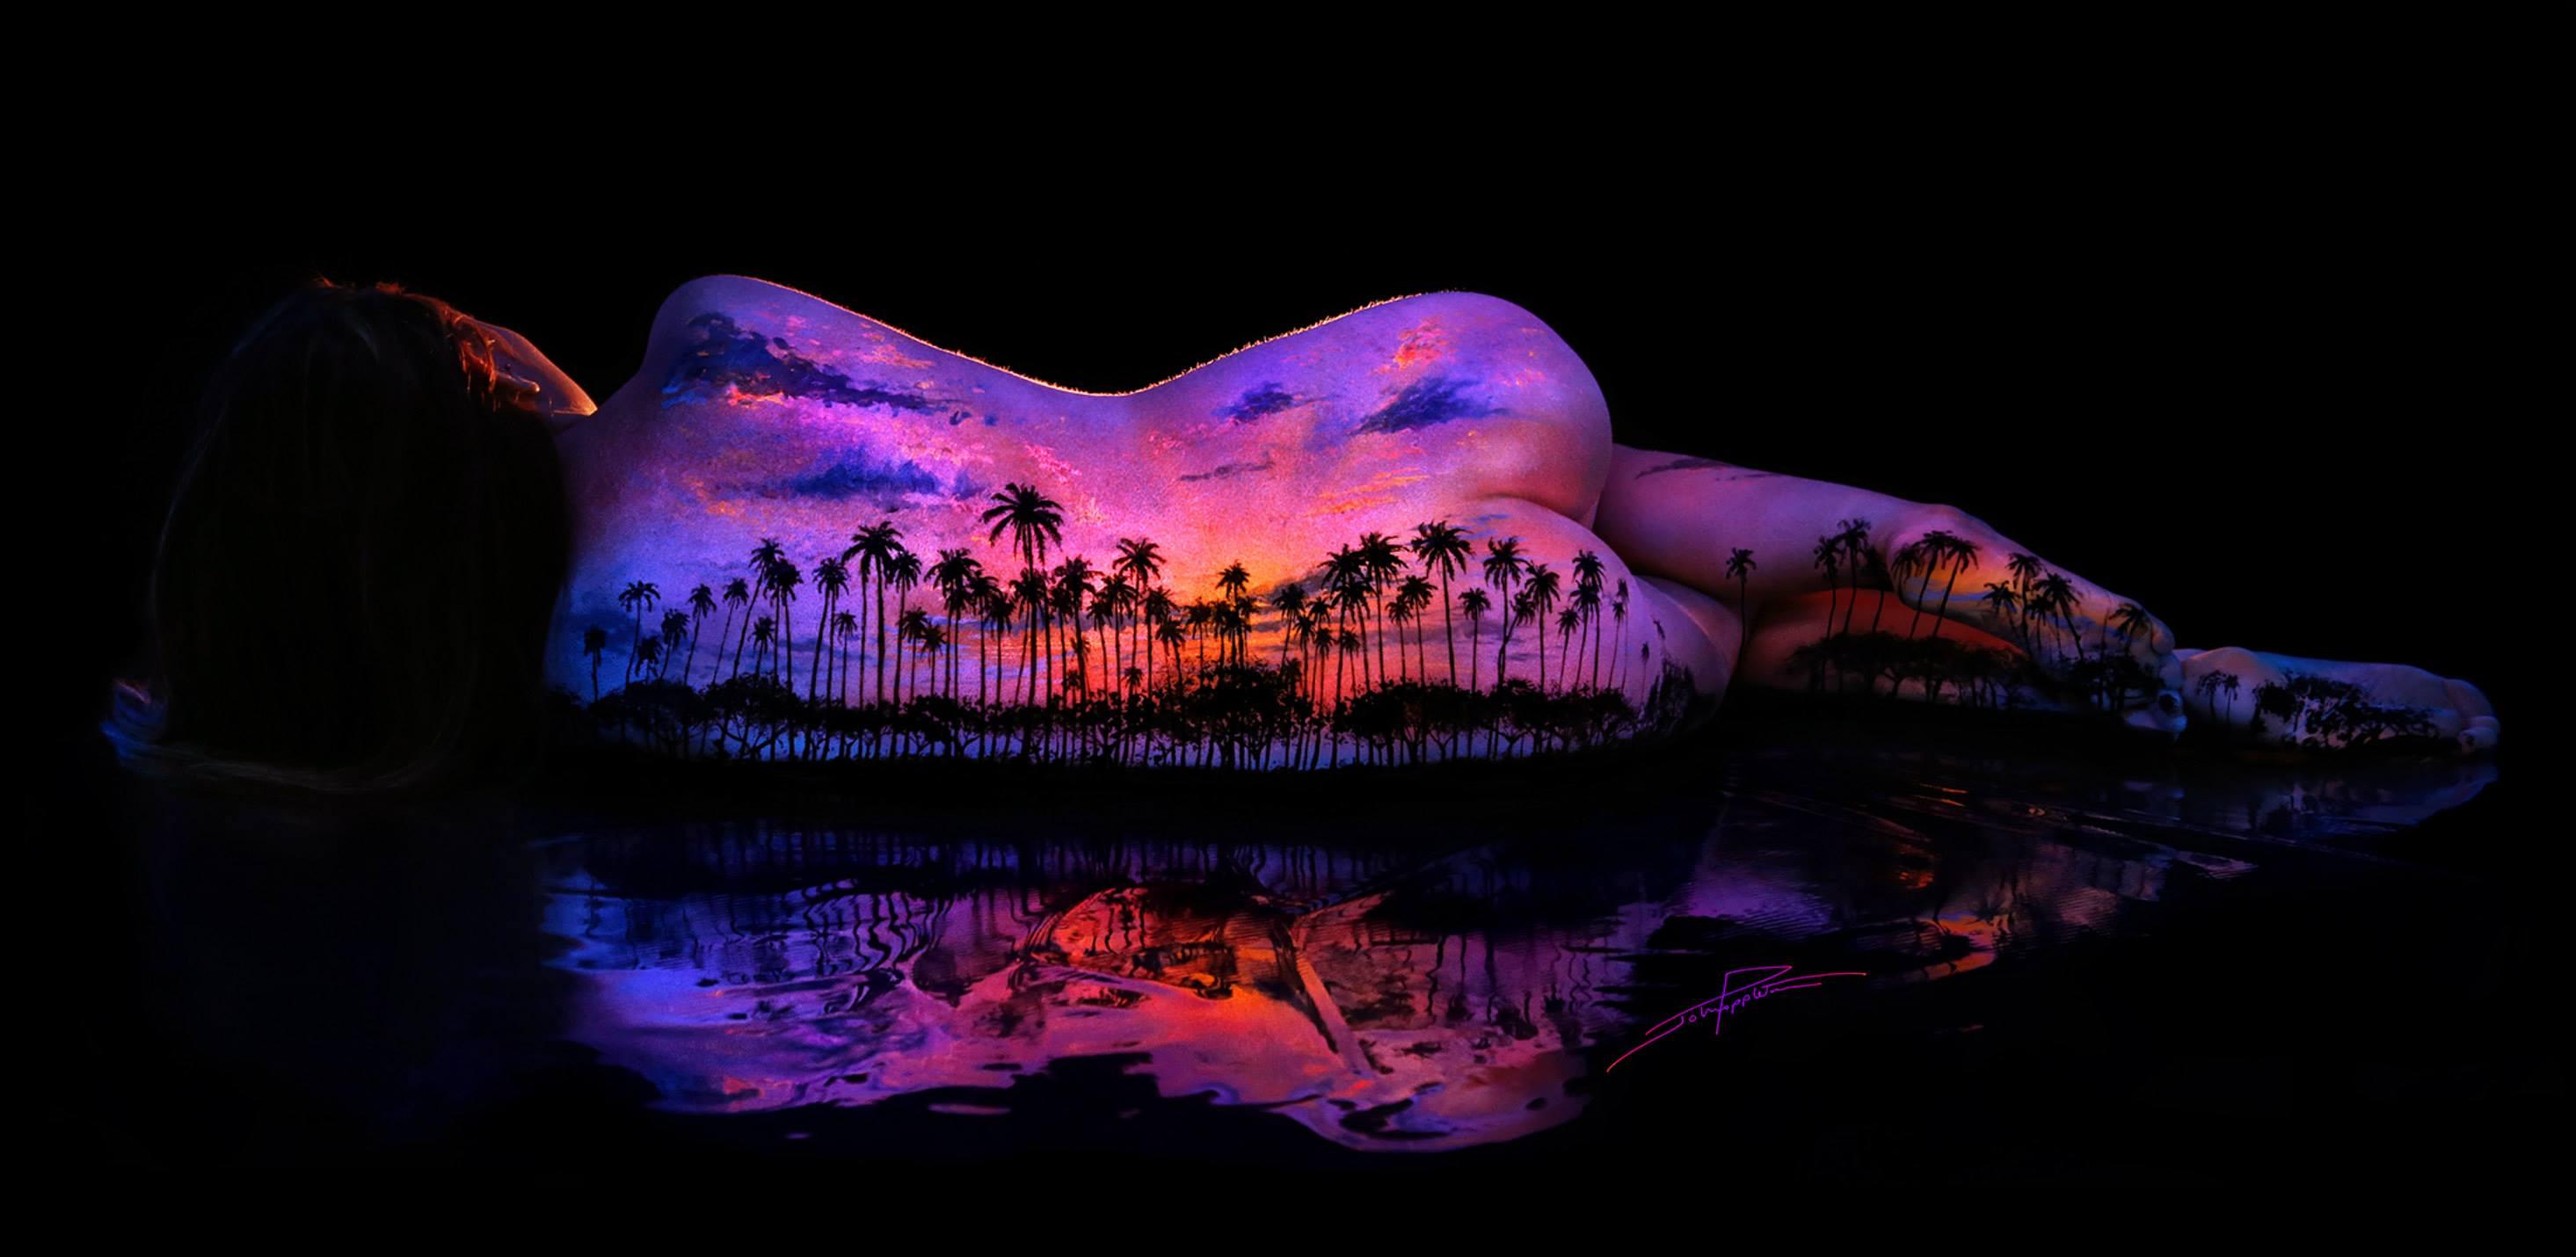 女性と自然の融合…背中に描かれたアートが言葉を失う美しさ